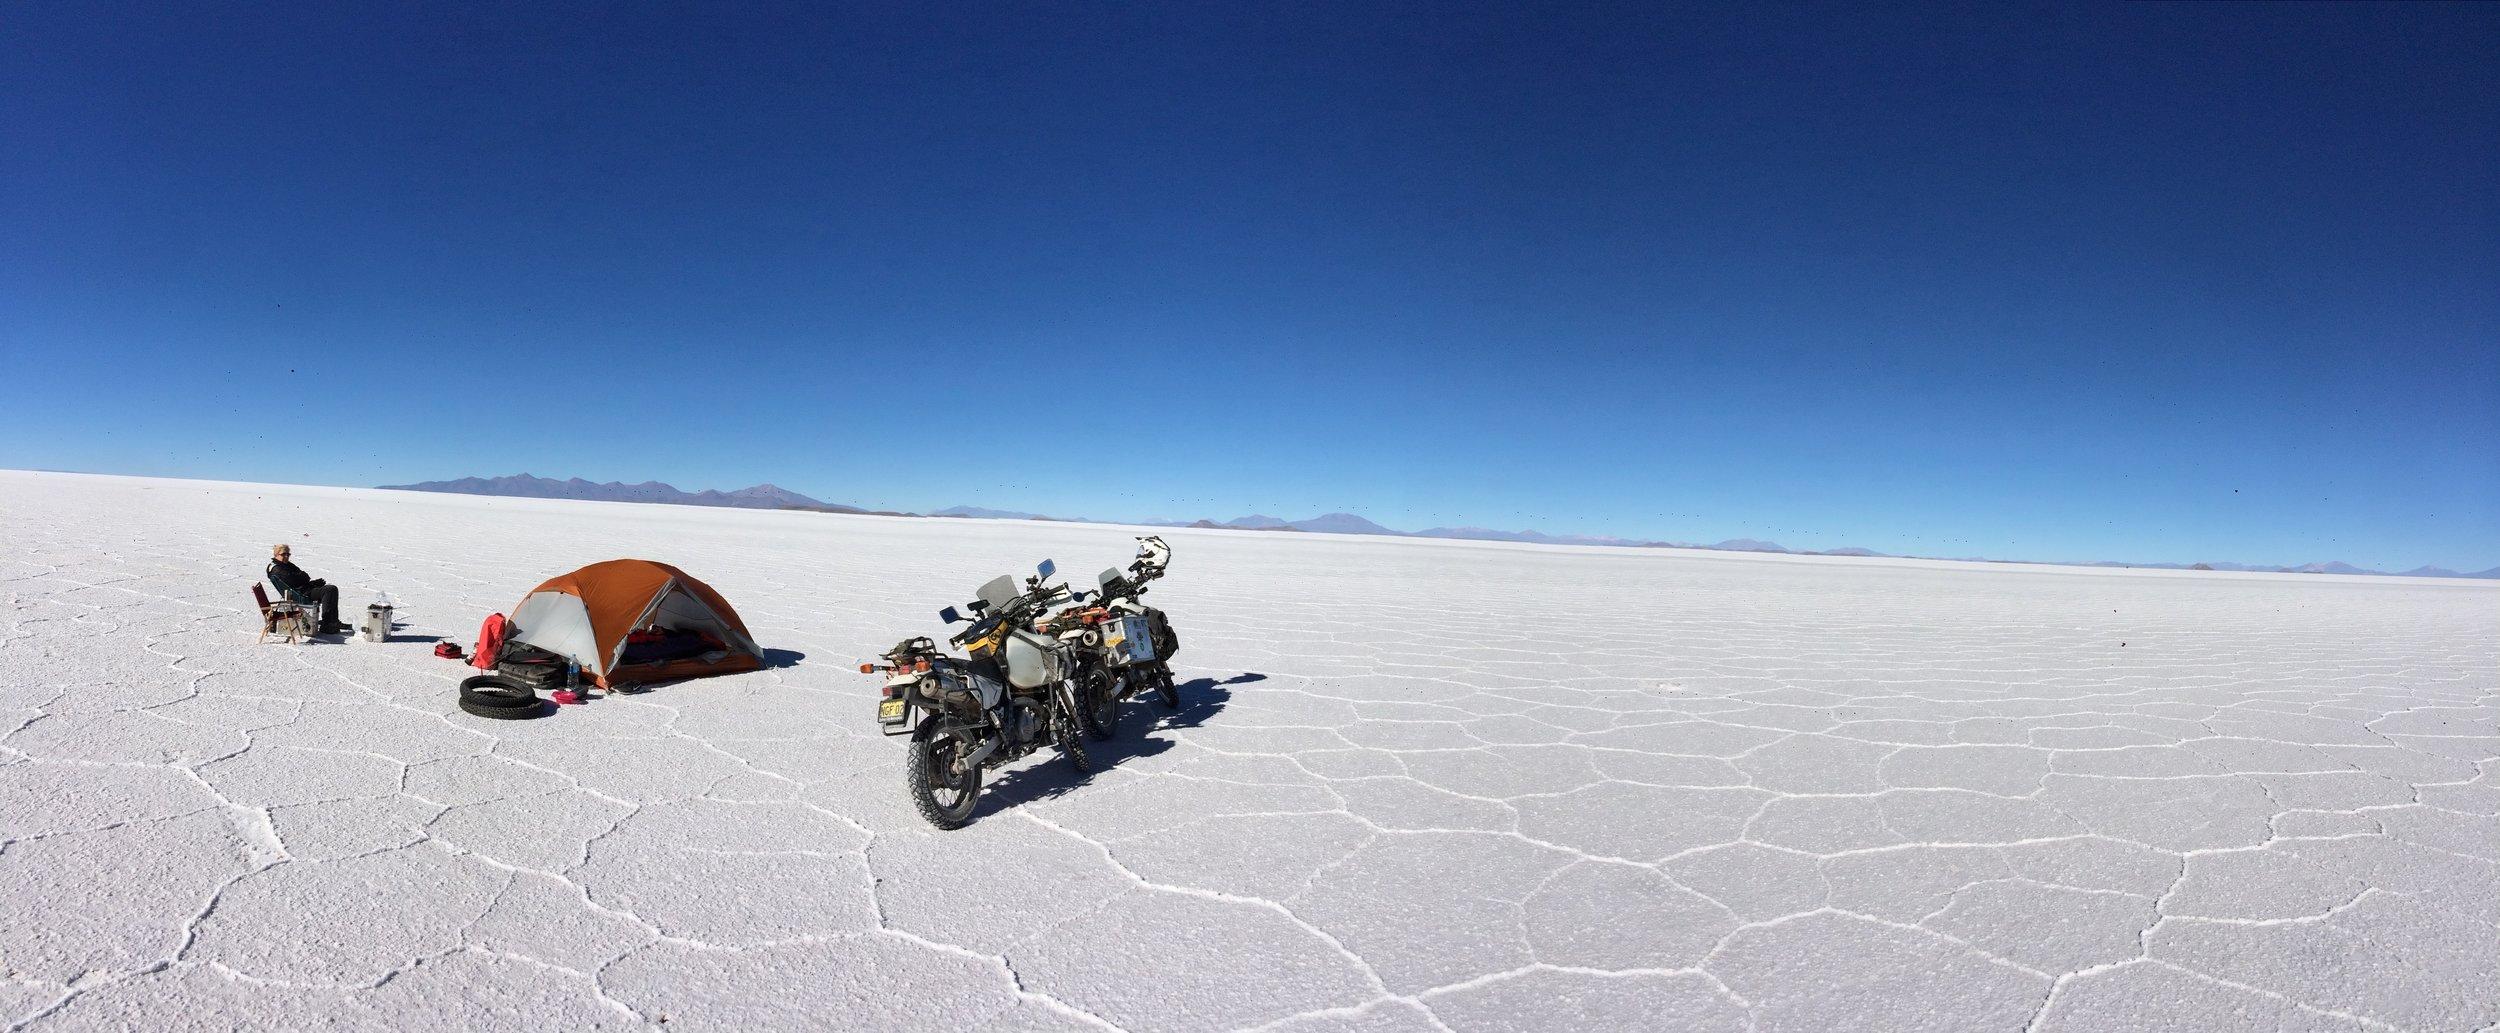 Morning on the Salt, Salar de Uyuni, Bolivia